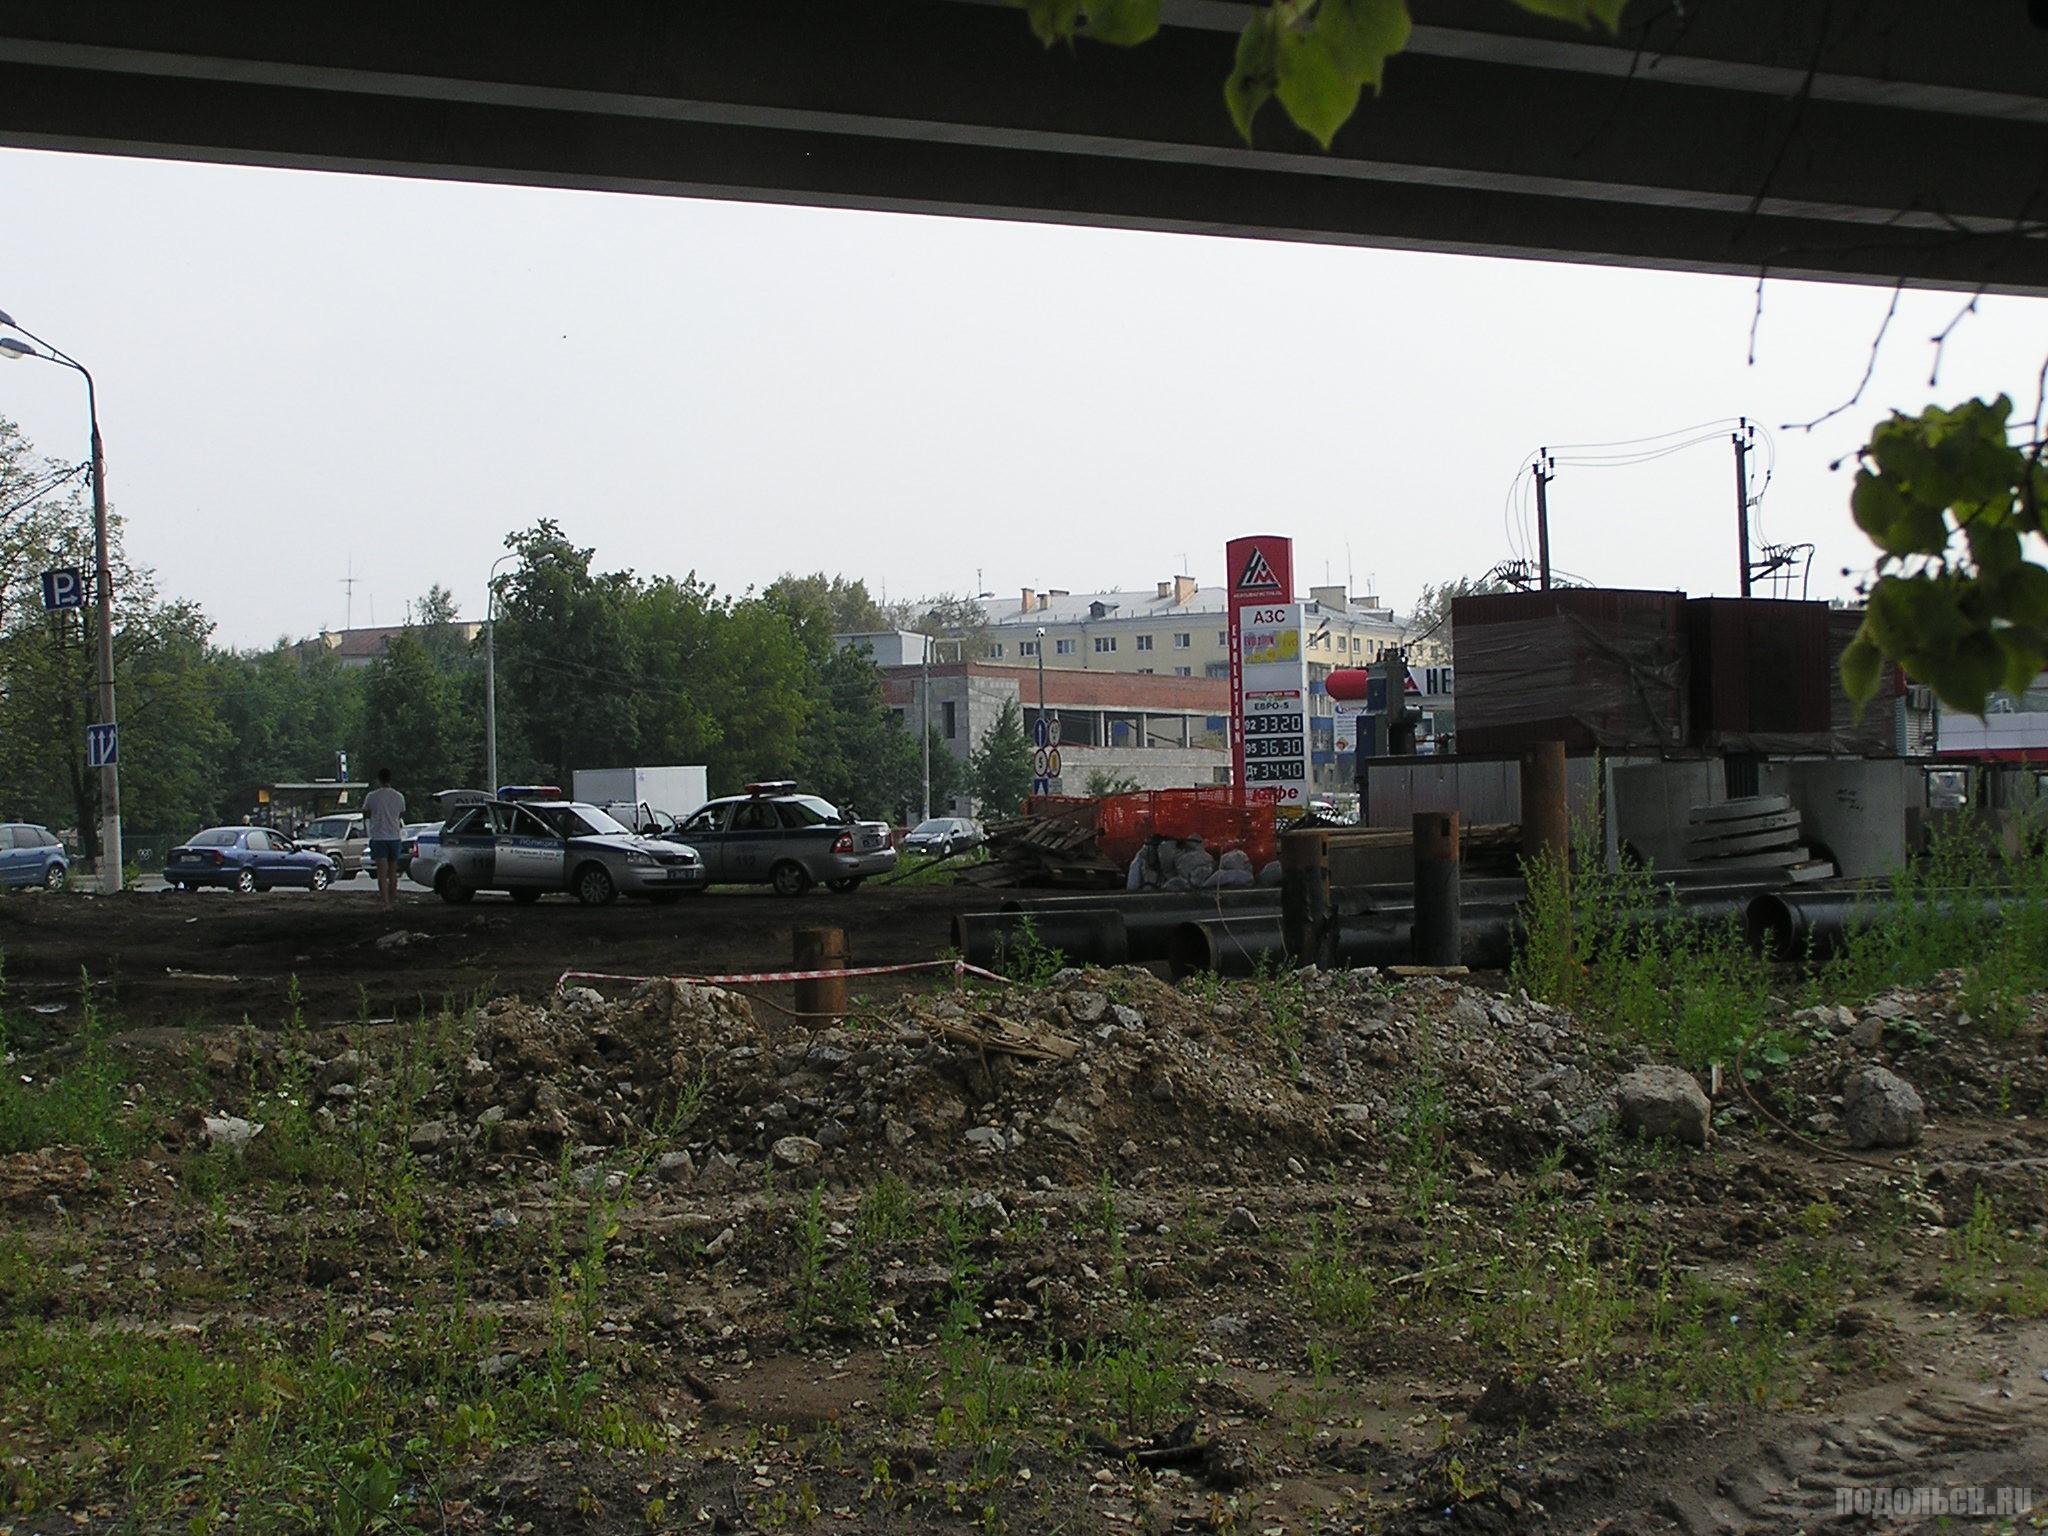 АЗС на Симферопольской улице у эстакады. 24 июля 2016 г.